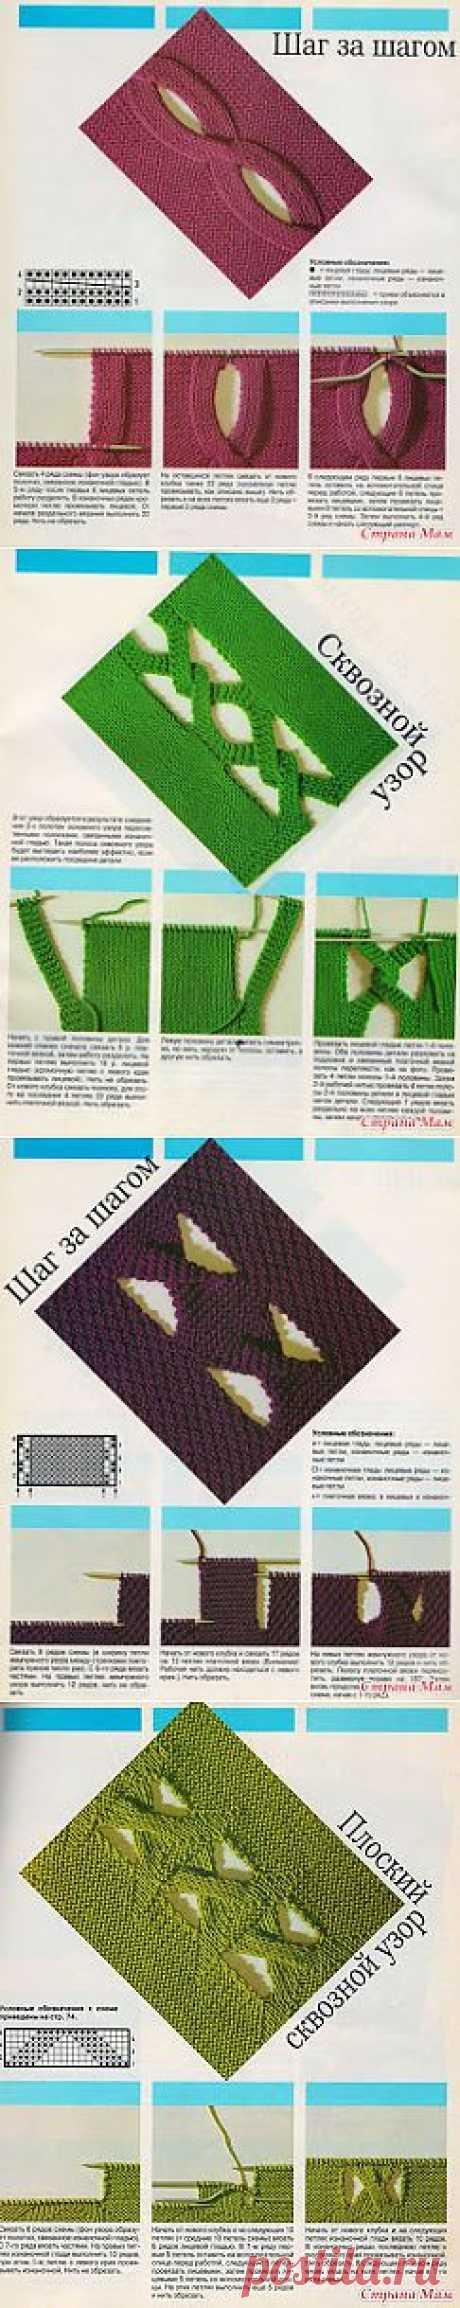 Вязание крючком и спицами/Crochet and knitting: Сквозные узоры спицами